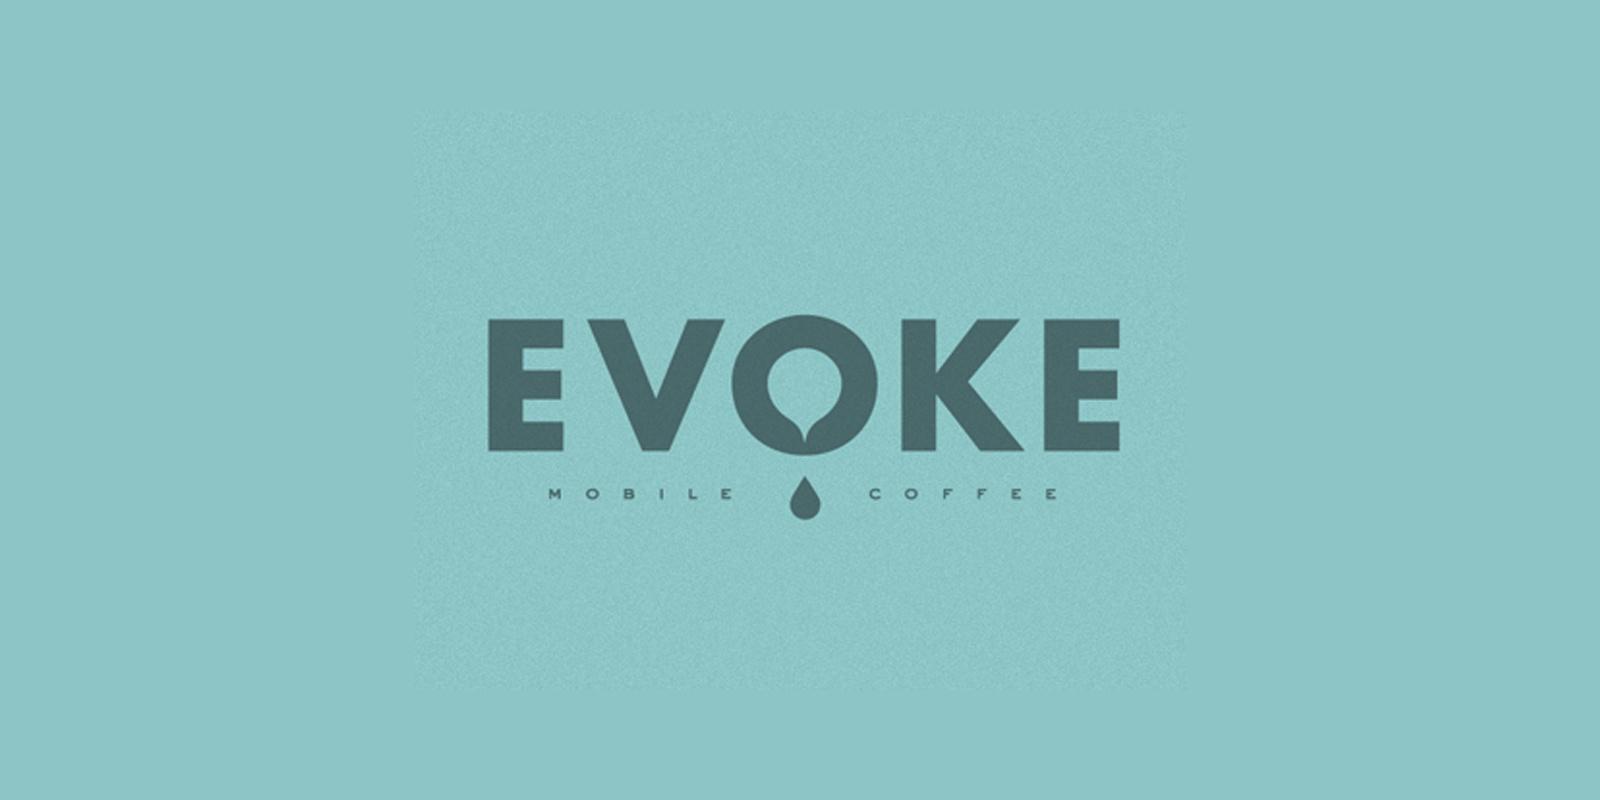 evoke-coffee-logo.jpg